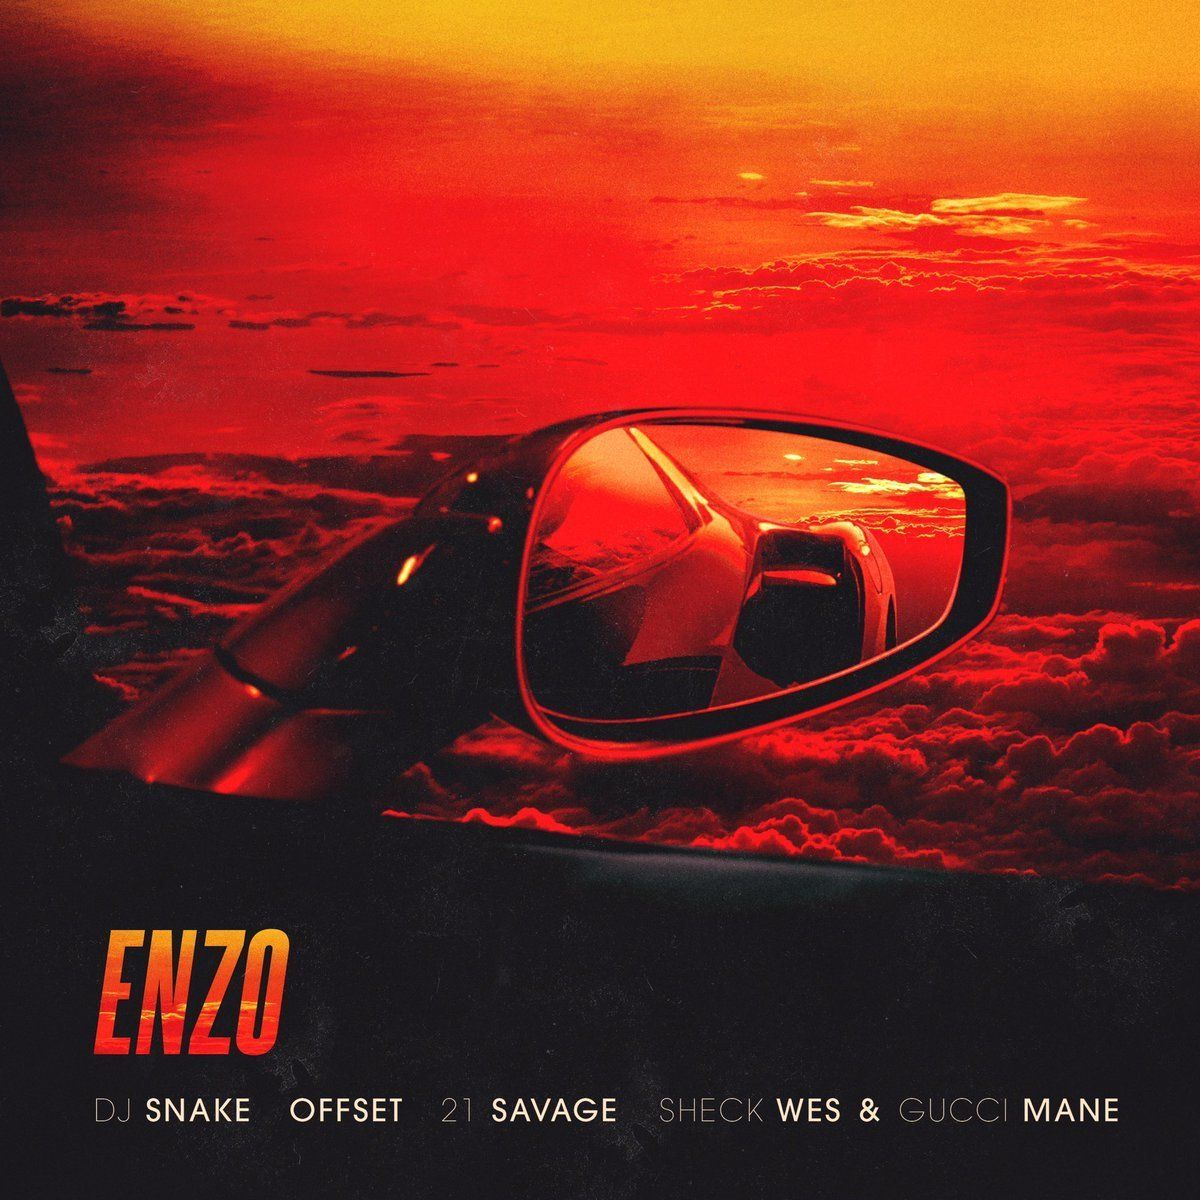 DOWNLOAD MP3: DJ Snake - Enzo Ft  Offset, 21 Savage, Sheck Wes